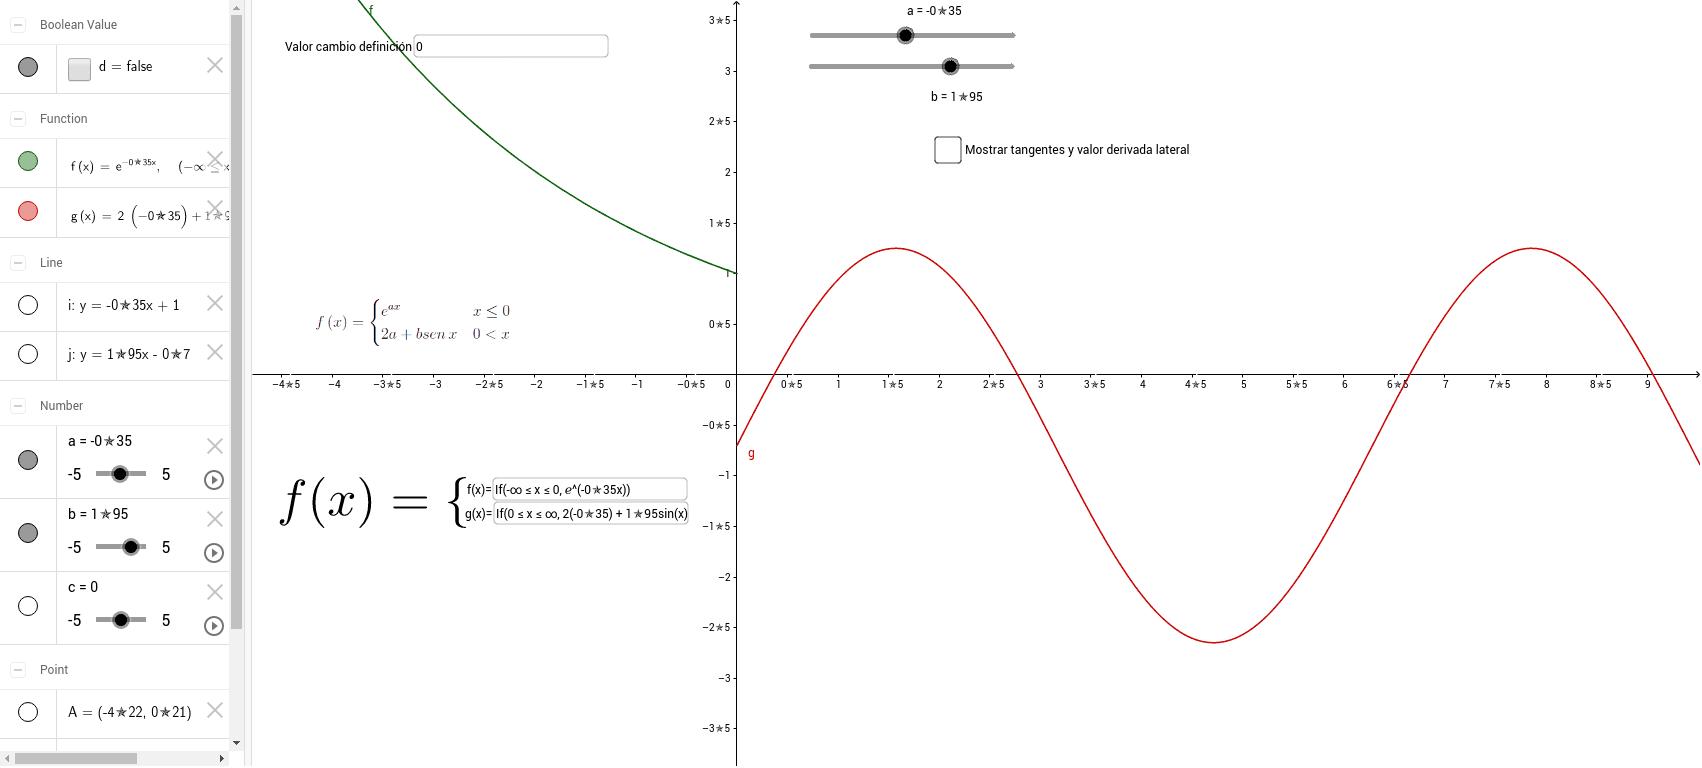 Encuentra los valores de a y de b que hacen que la función definida a trozos sea continua y derivable.